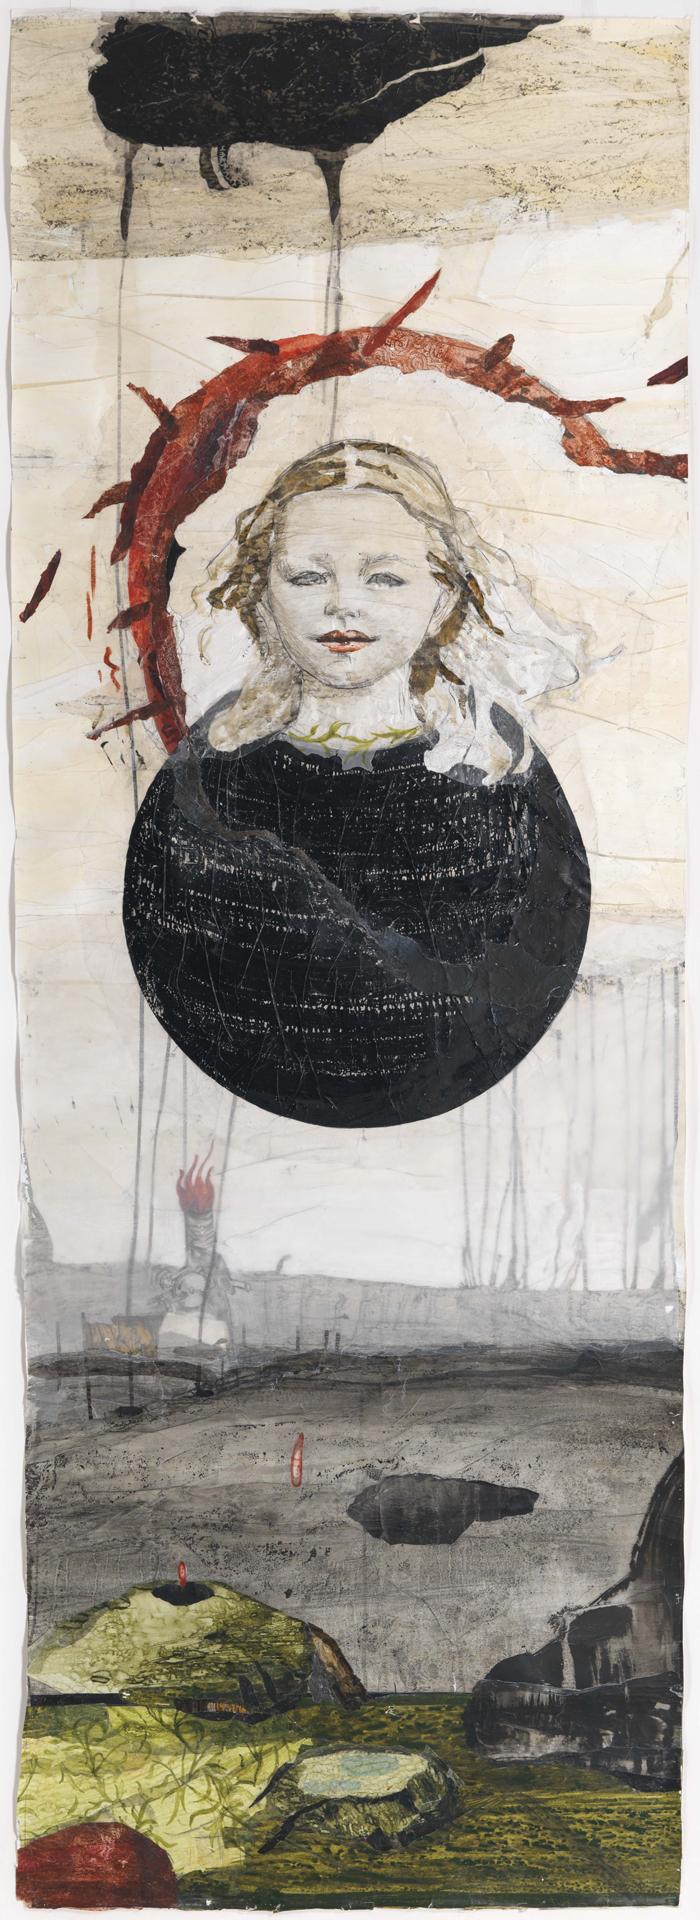 Kerstin Grimm, Landschaft, 2017/2018, Zeichnungscollage auf Papier, 220 x 77 cm